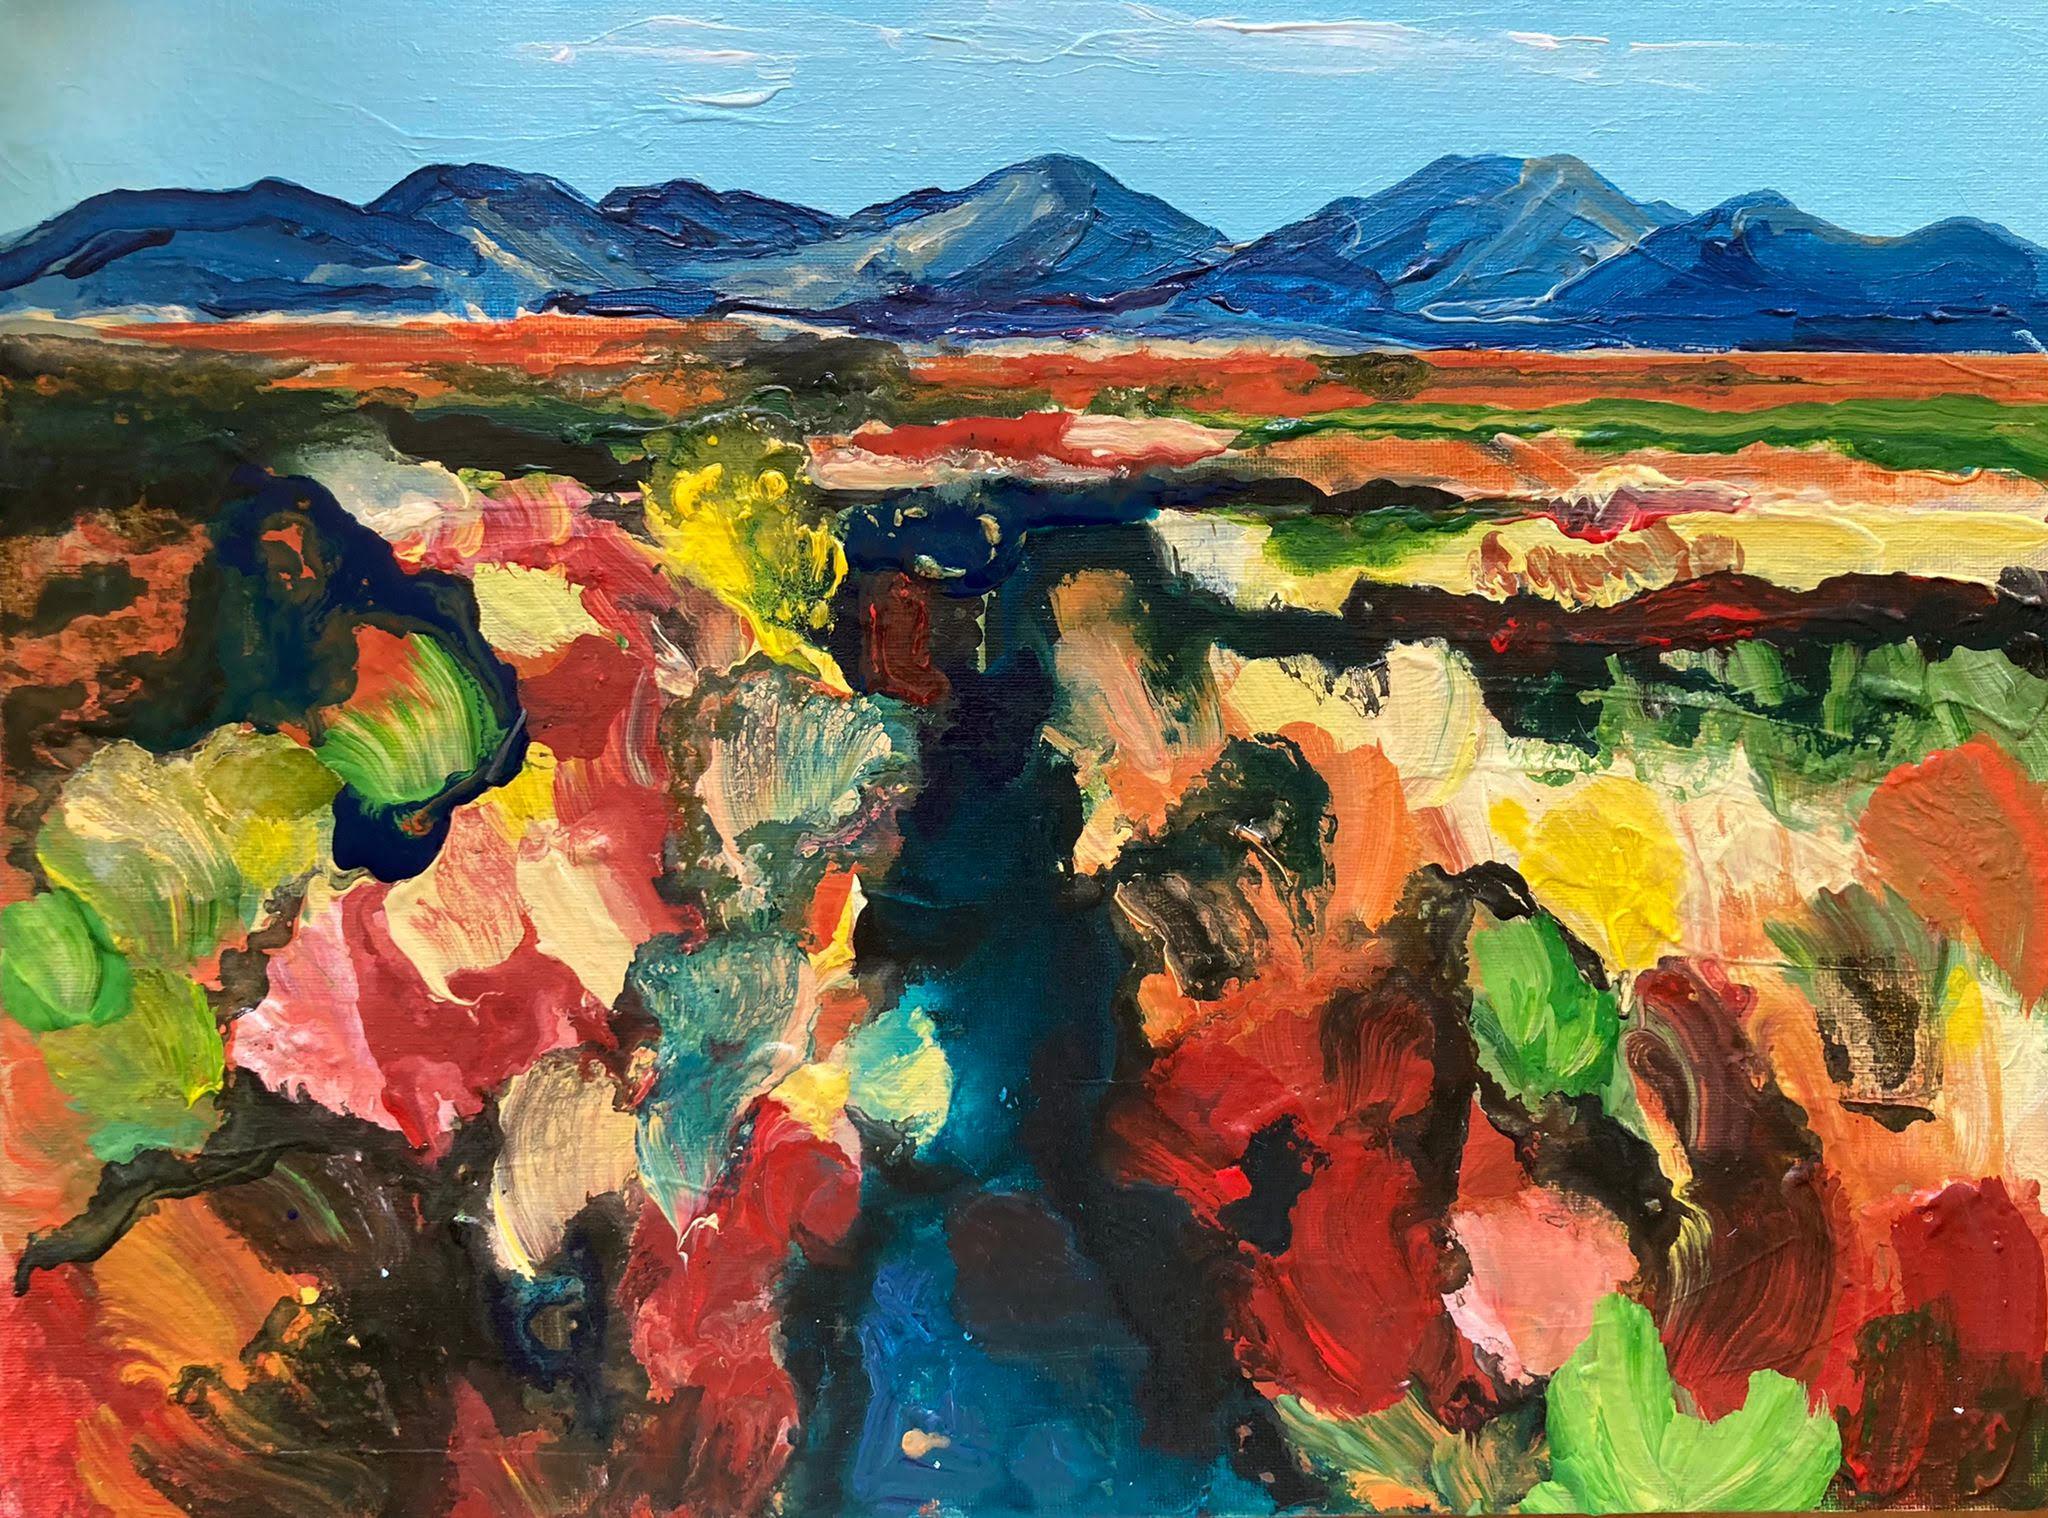 Cut Bog and Regrowth by Debbie Watkins